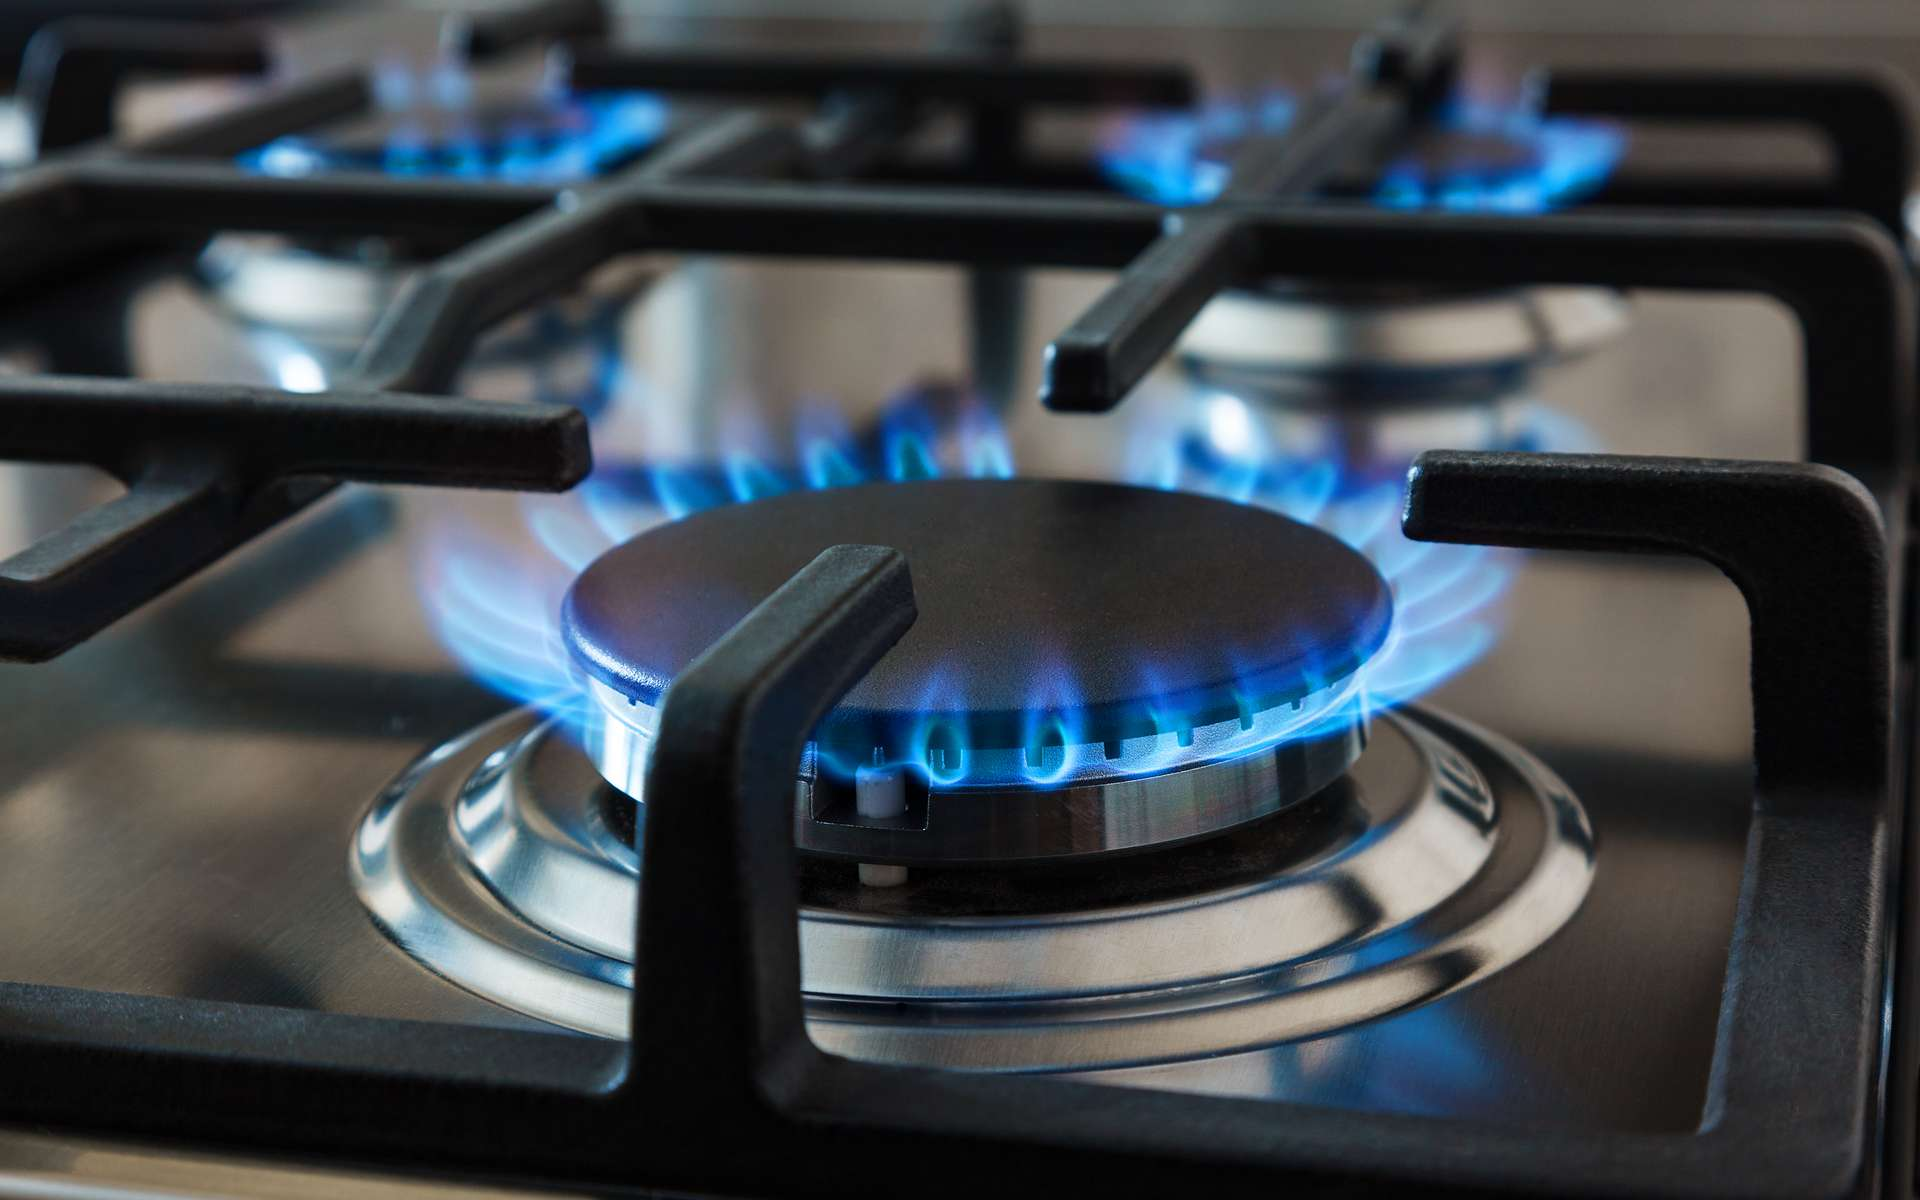 Face à l'augmentation des coûts des tarifs réglementés, les fournisseurs d'énergie proposent de nombreuses offres de marché permettant de réduire la facture de gaz. © Mykhailo Baidala, Adobe Stock